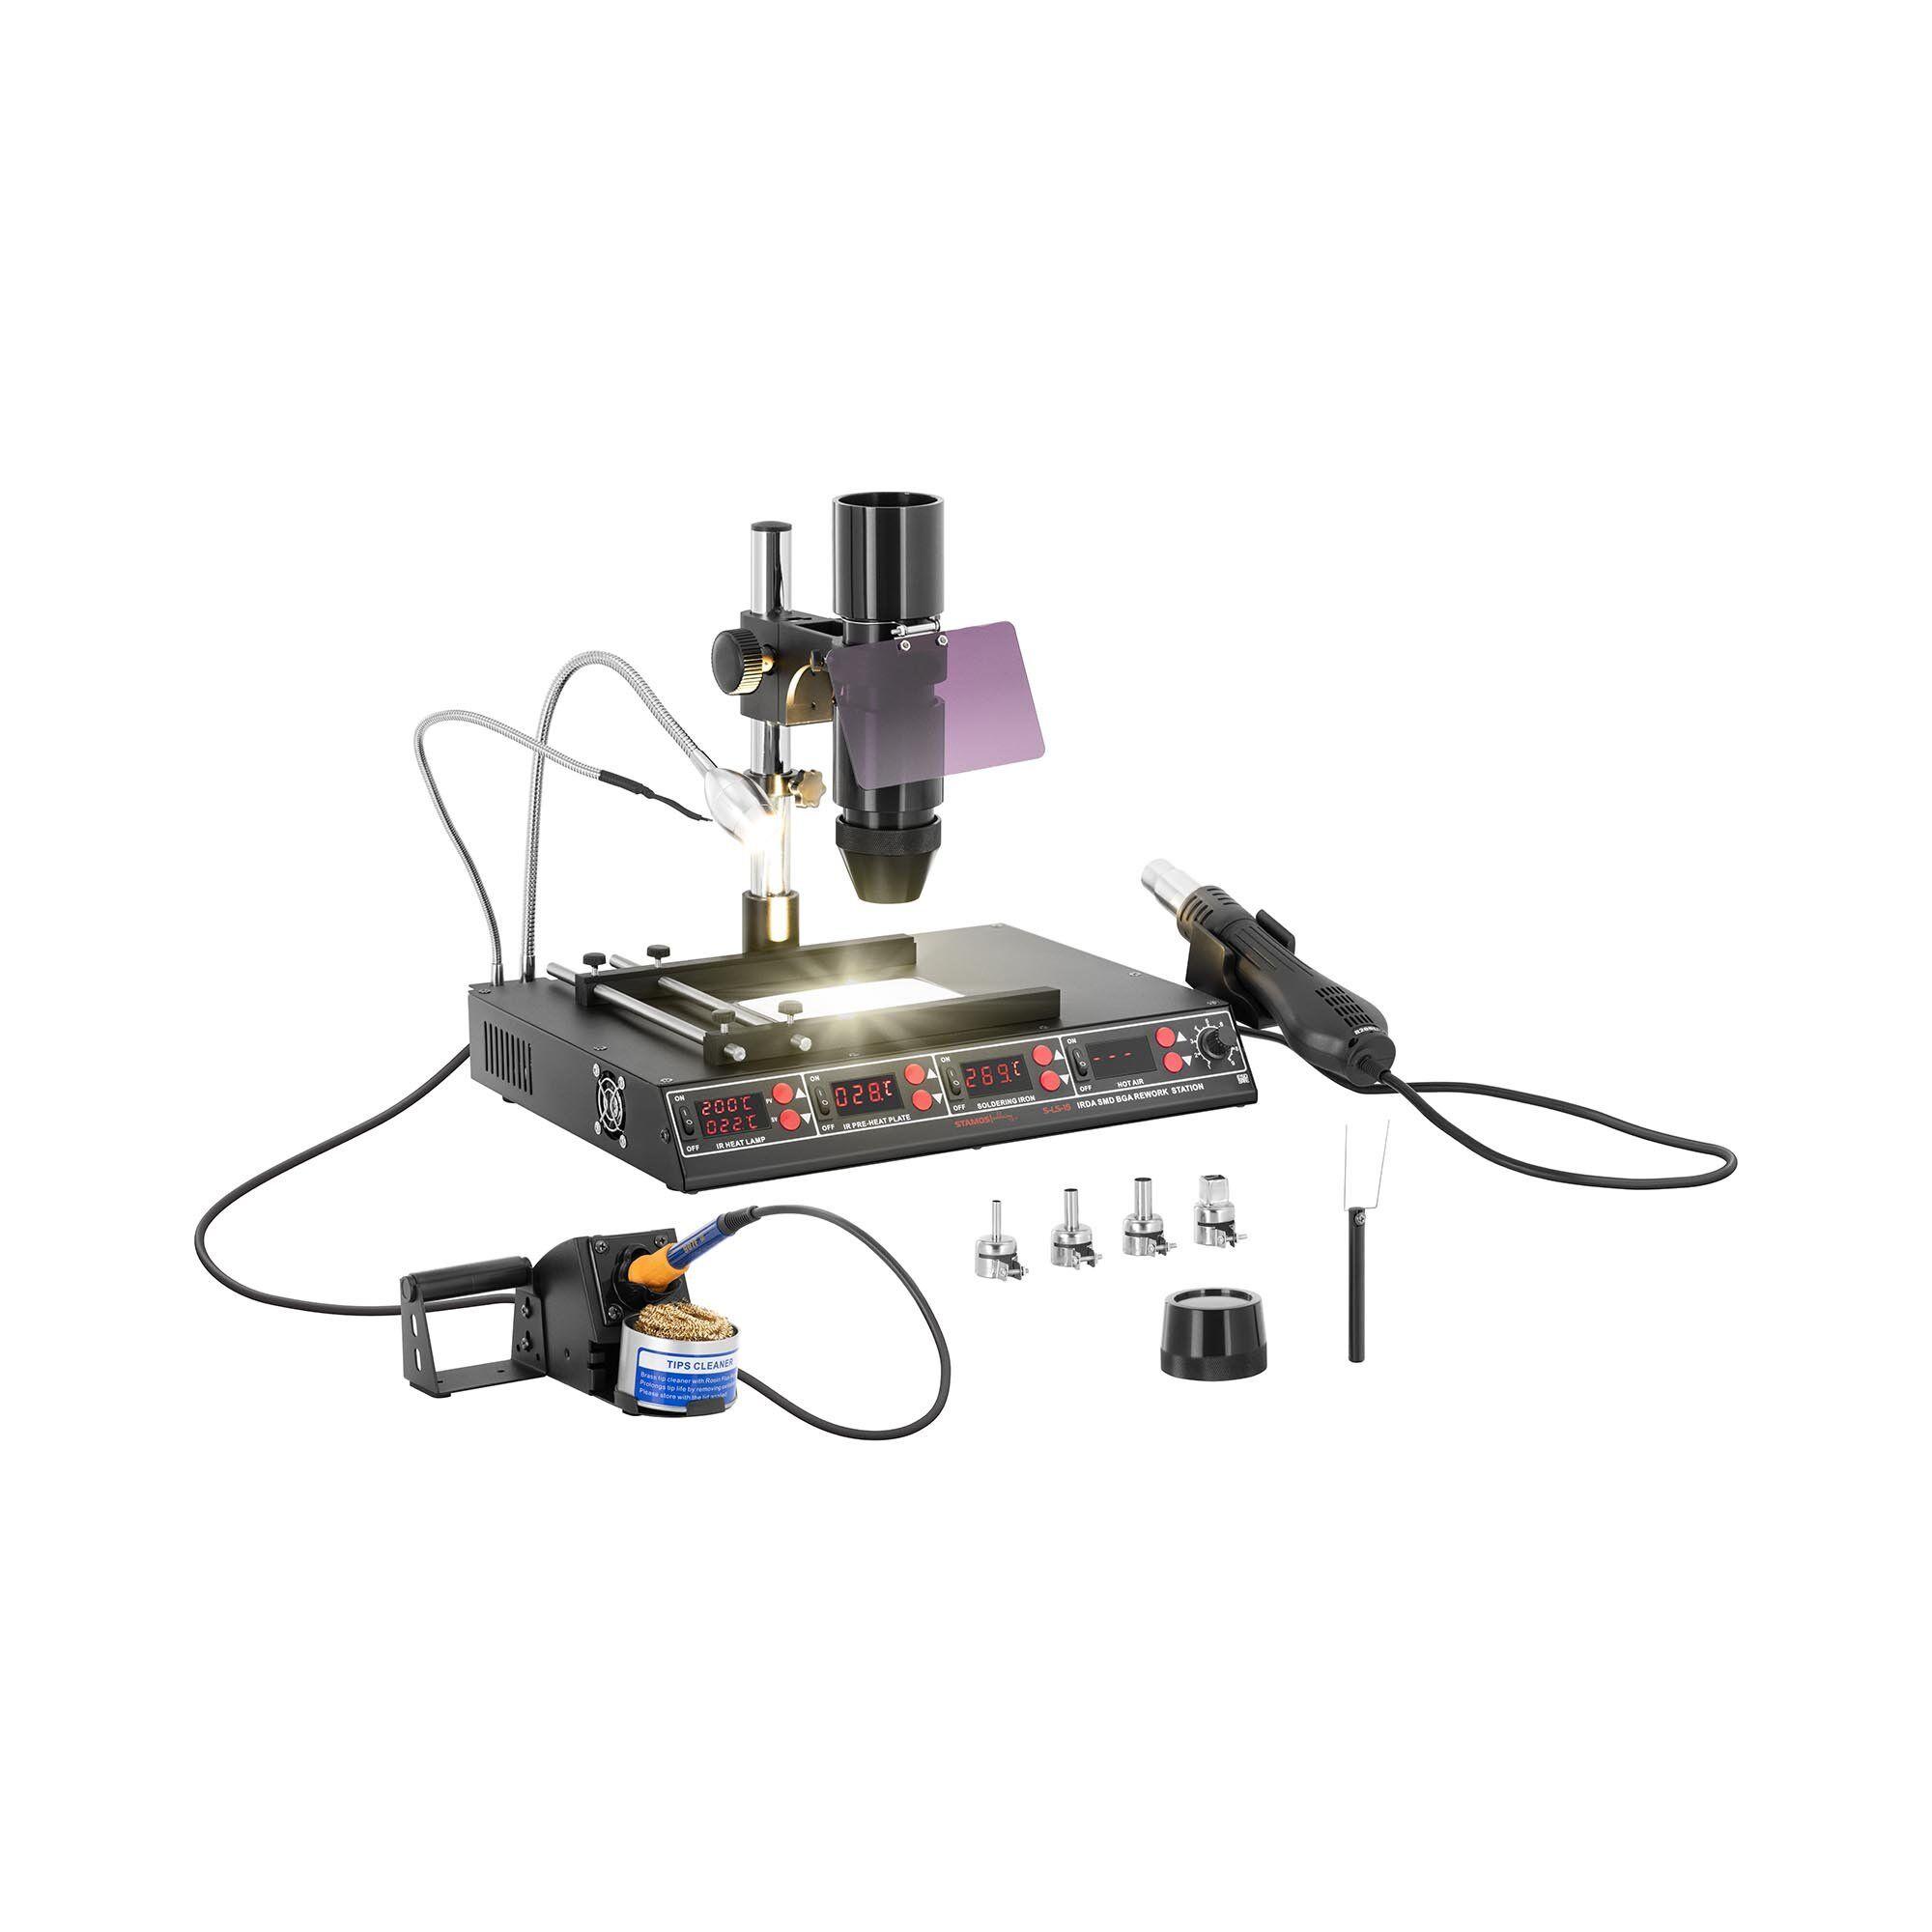 Stamos Soldering Lötstation mit Vorwärmplatte und Infrarotlampe - 1450W - 4 x LED - Basic 10021024